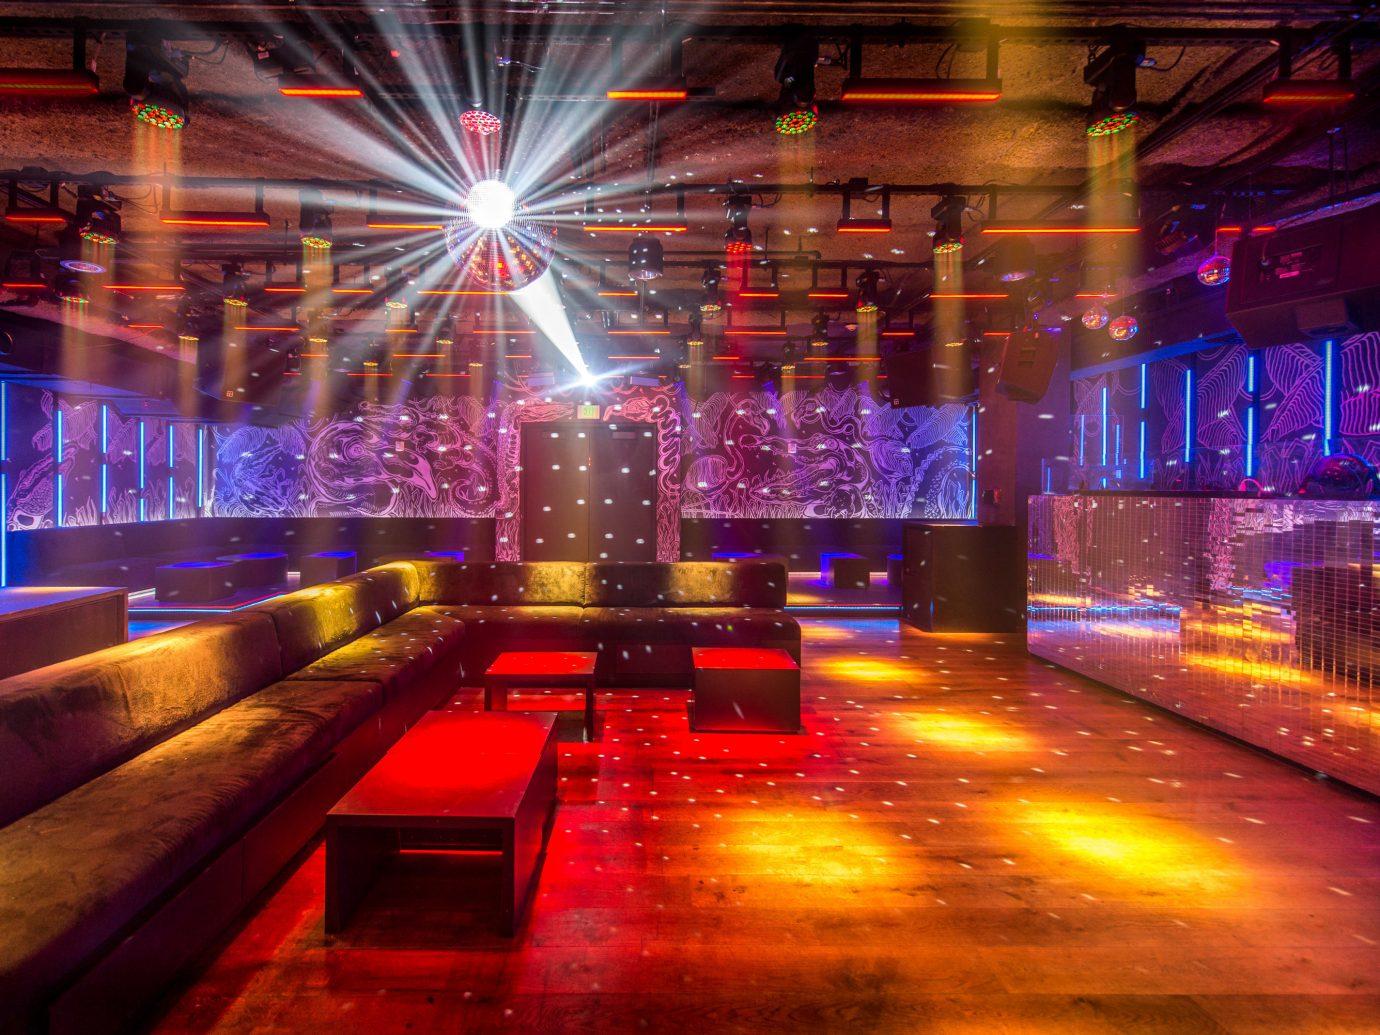 Food + Drink Girls Getaways Hotels Jetsetter Guides shopping Style + Design Weekend Getaways floor indoor nightclub stage disco music venue Bar